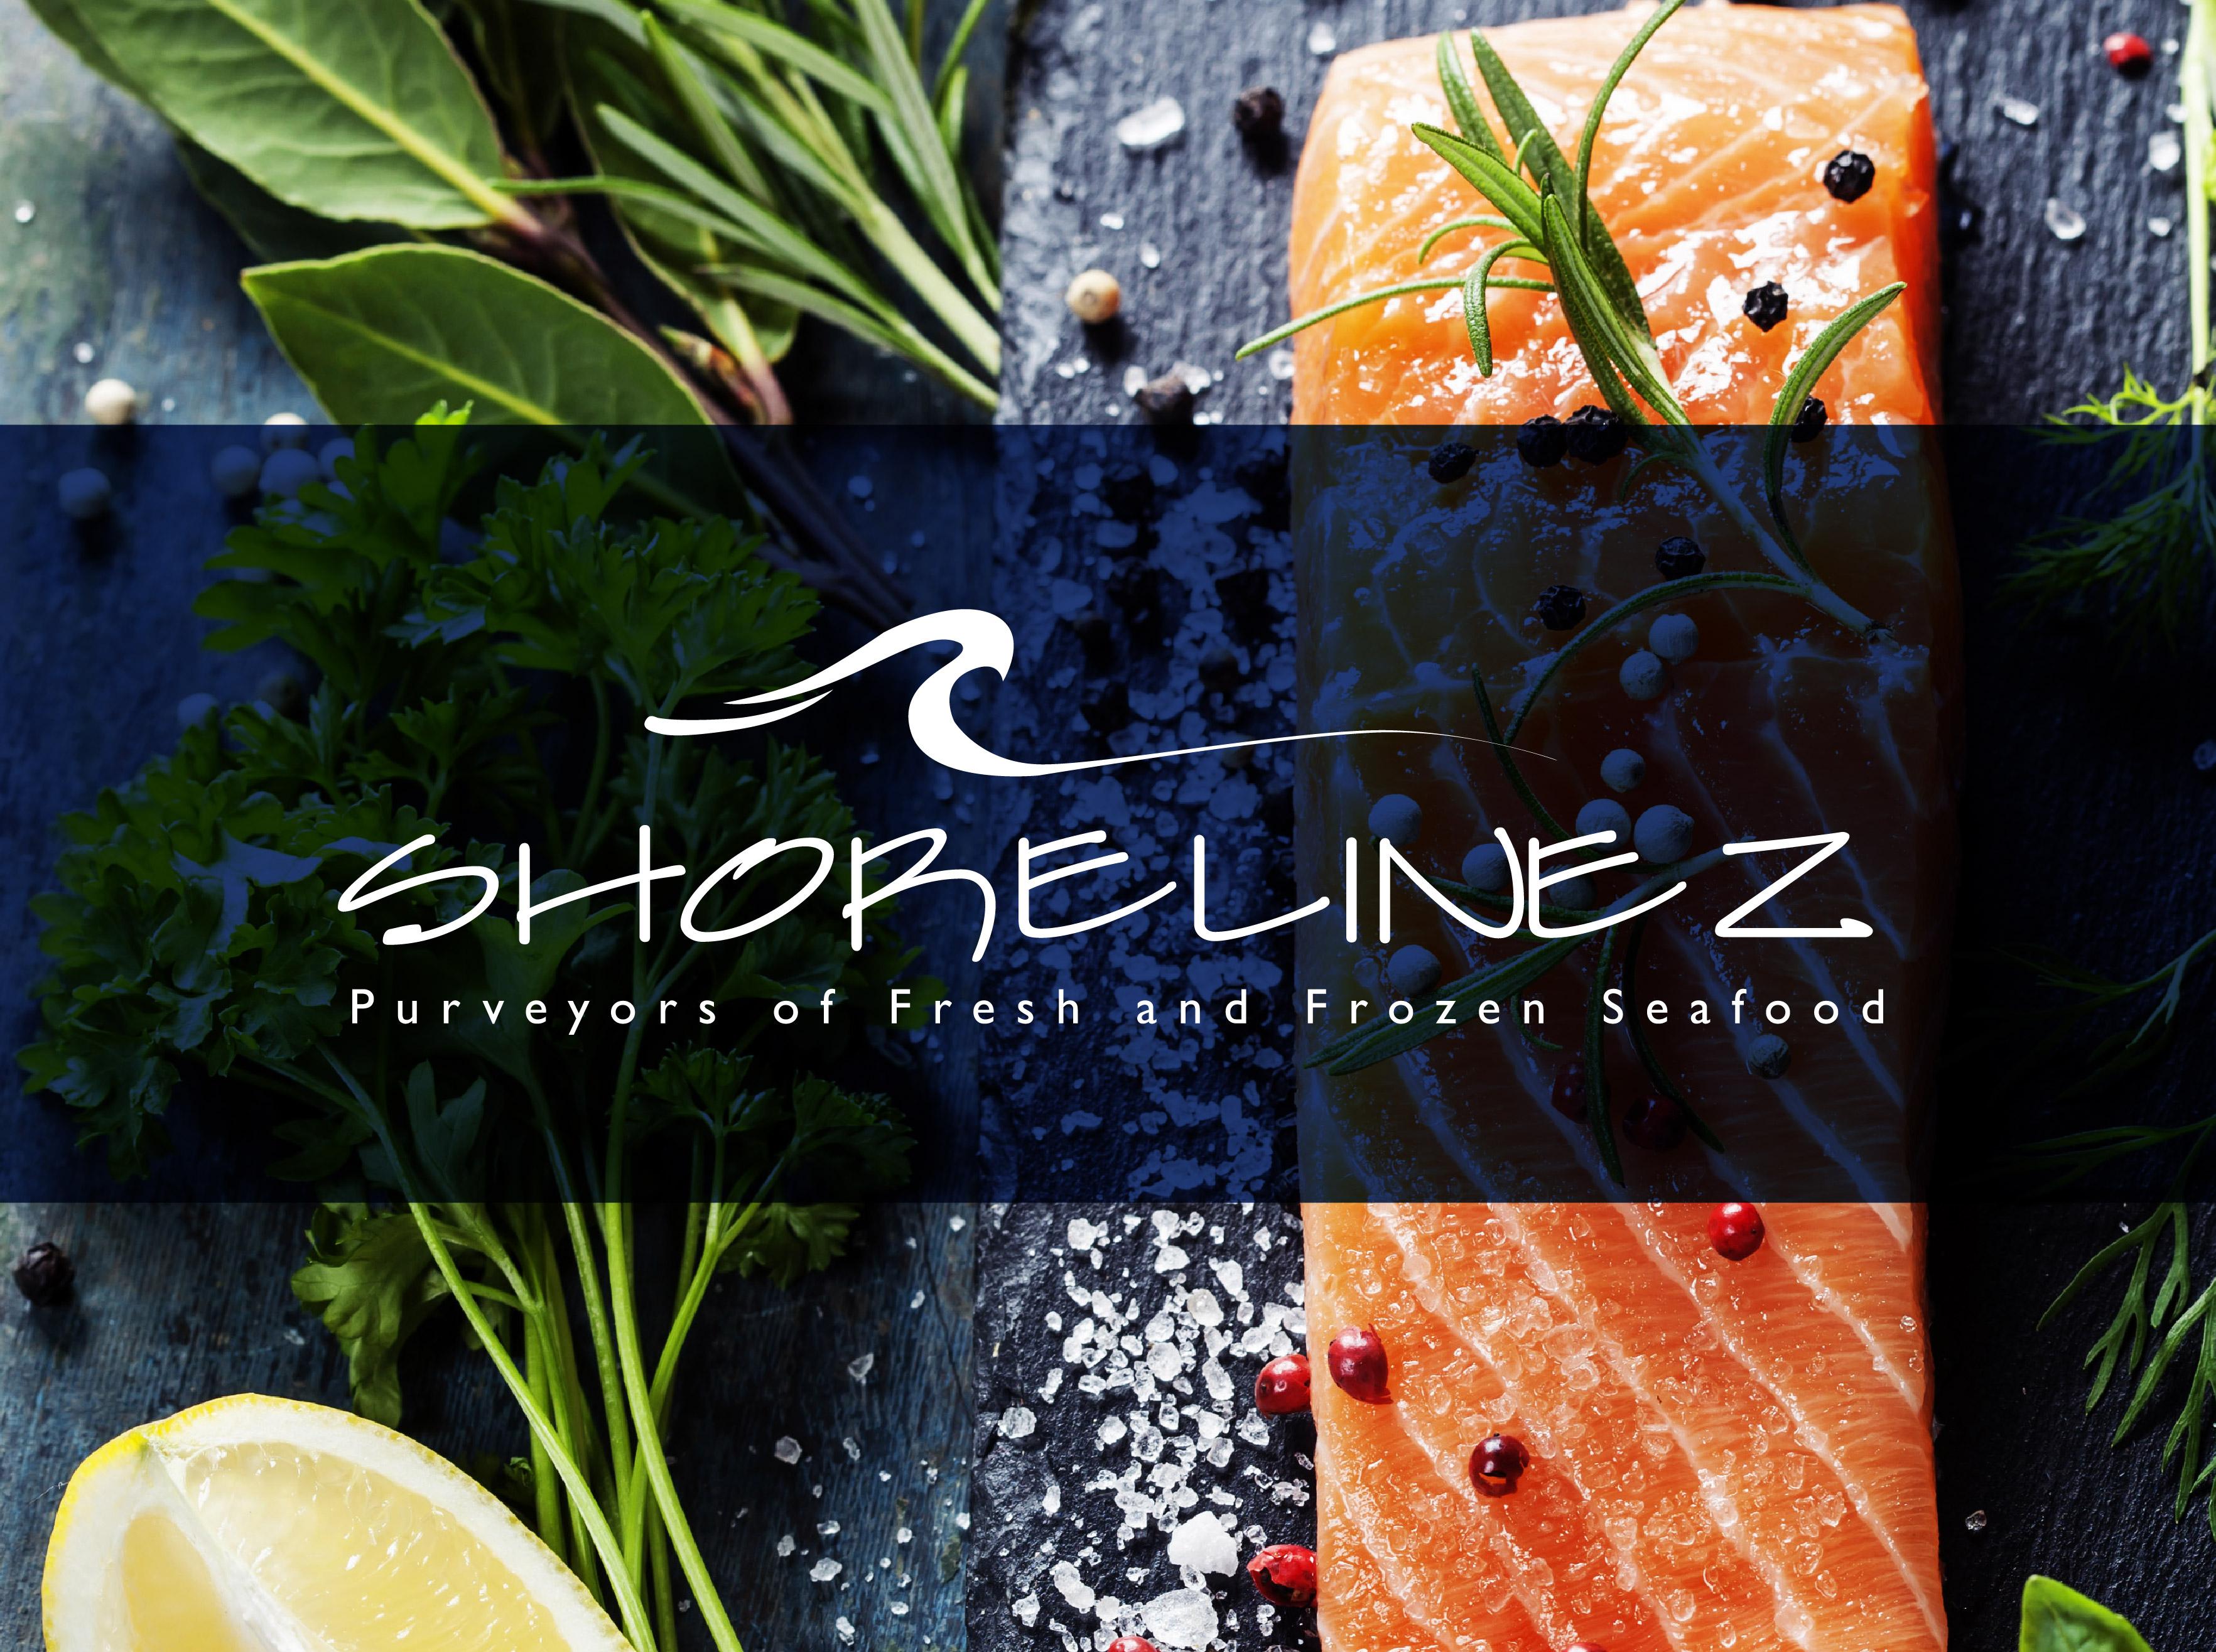 Shorelinez